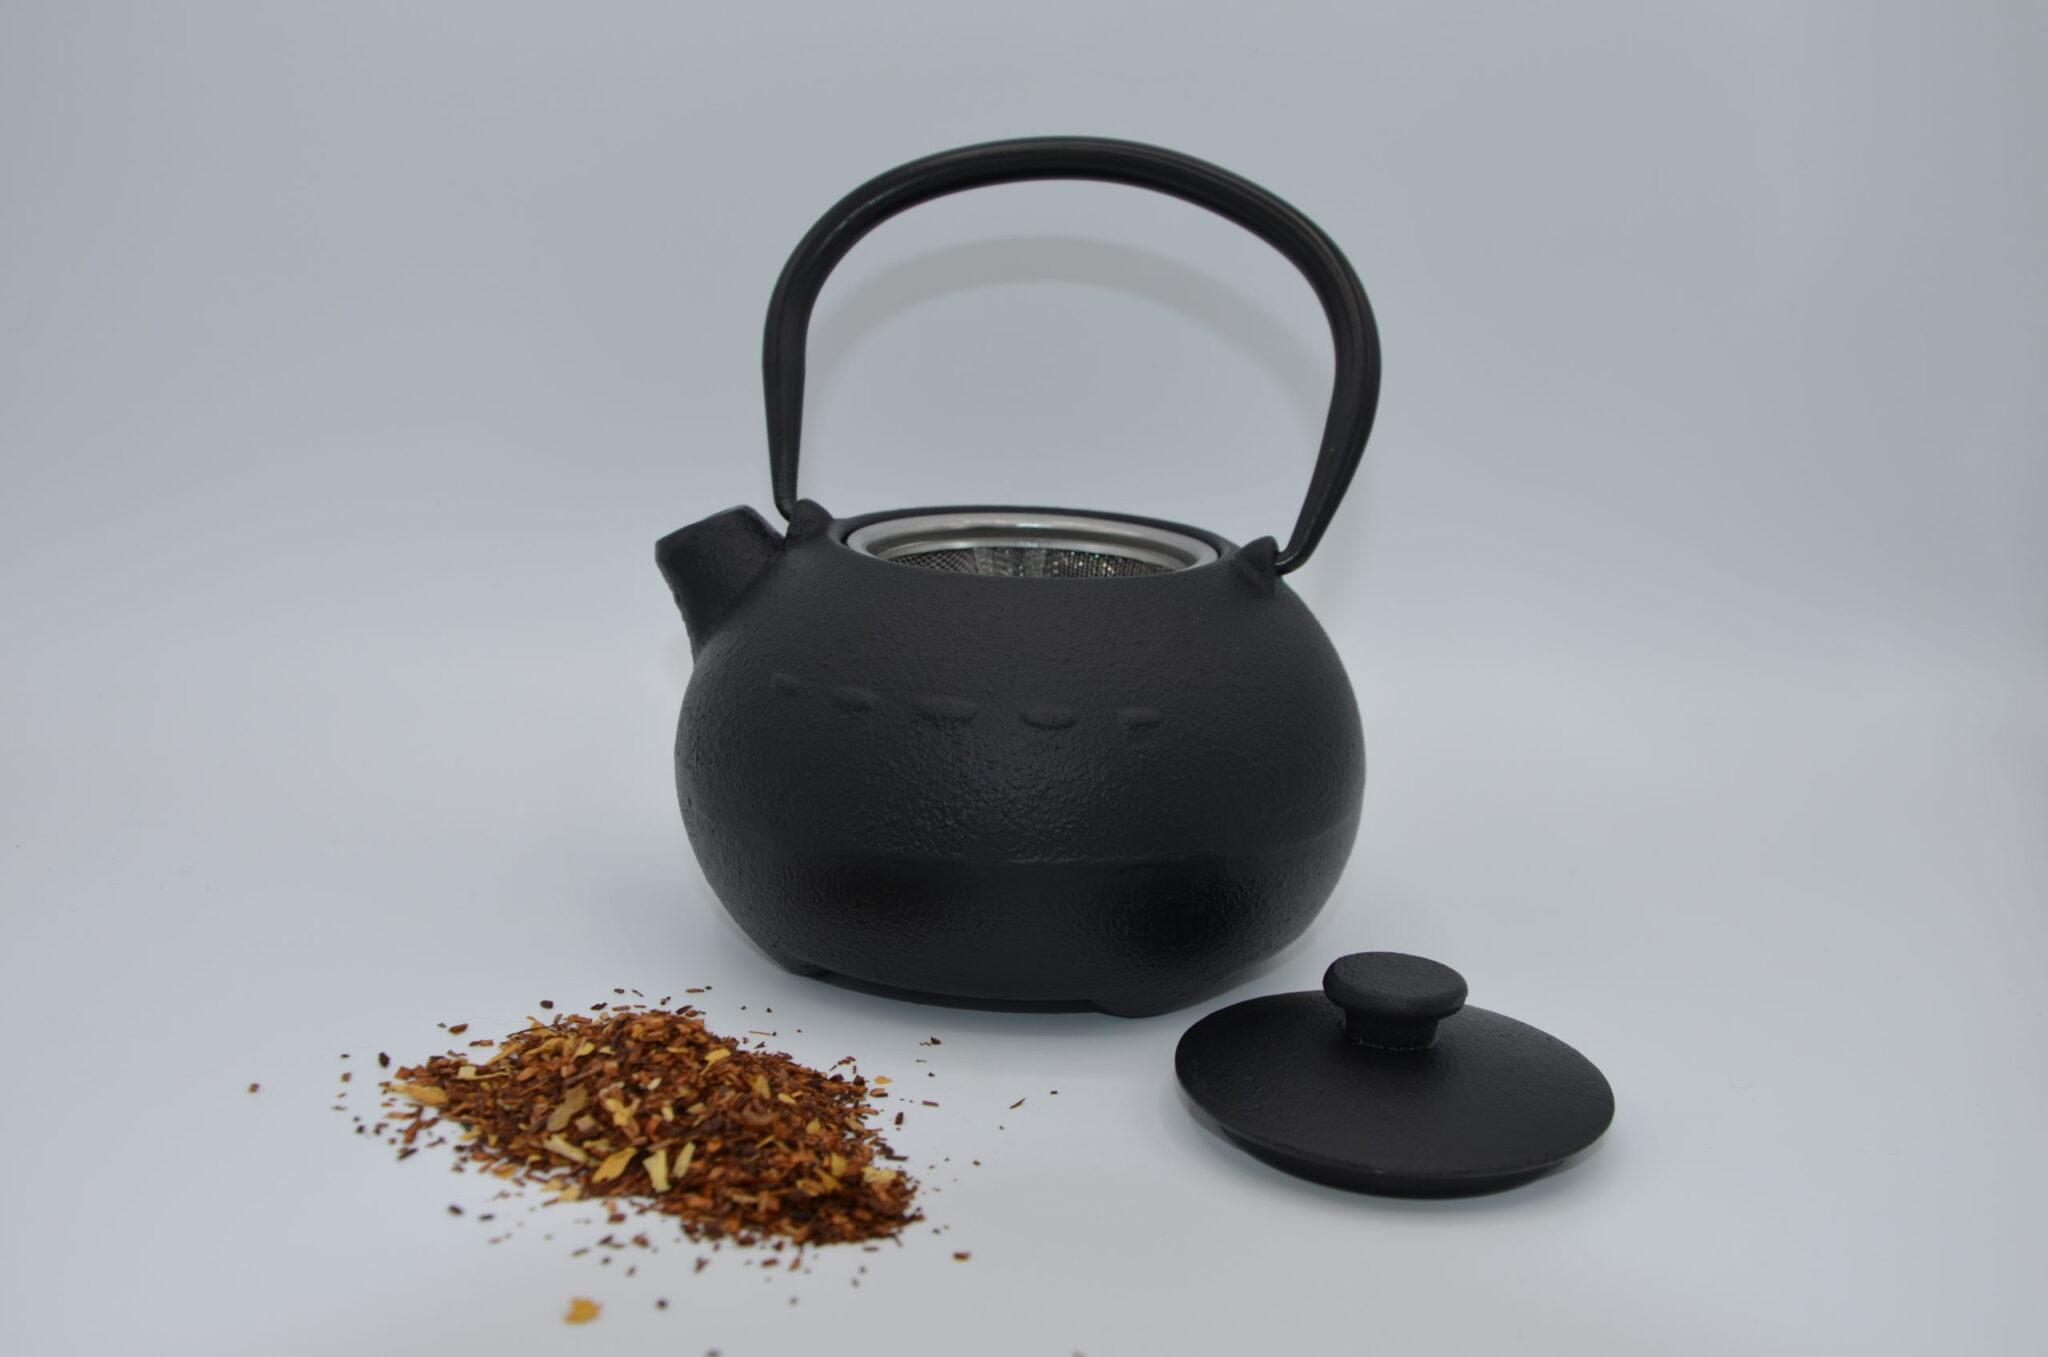 tetera con té